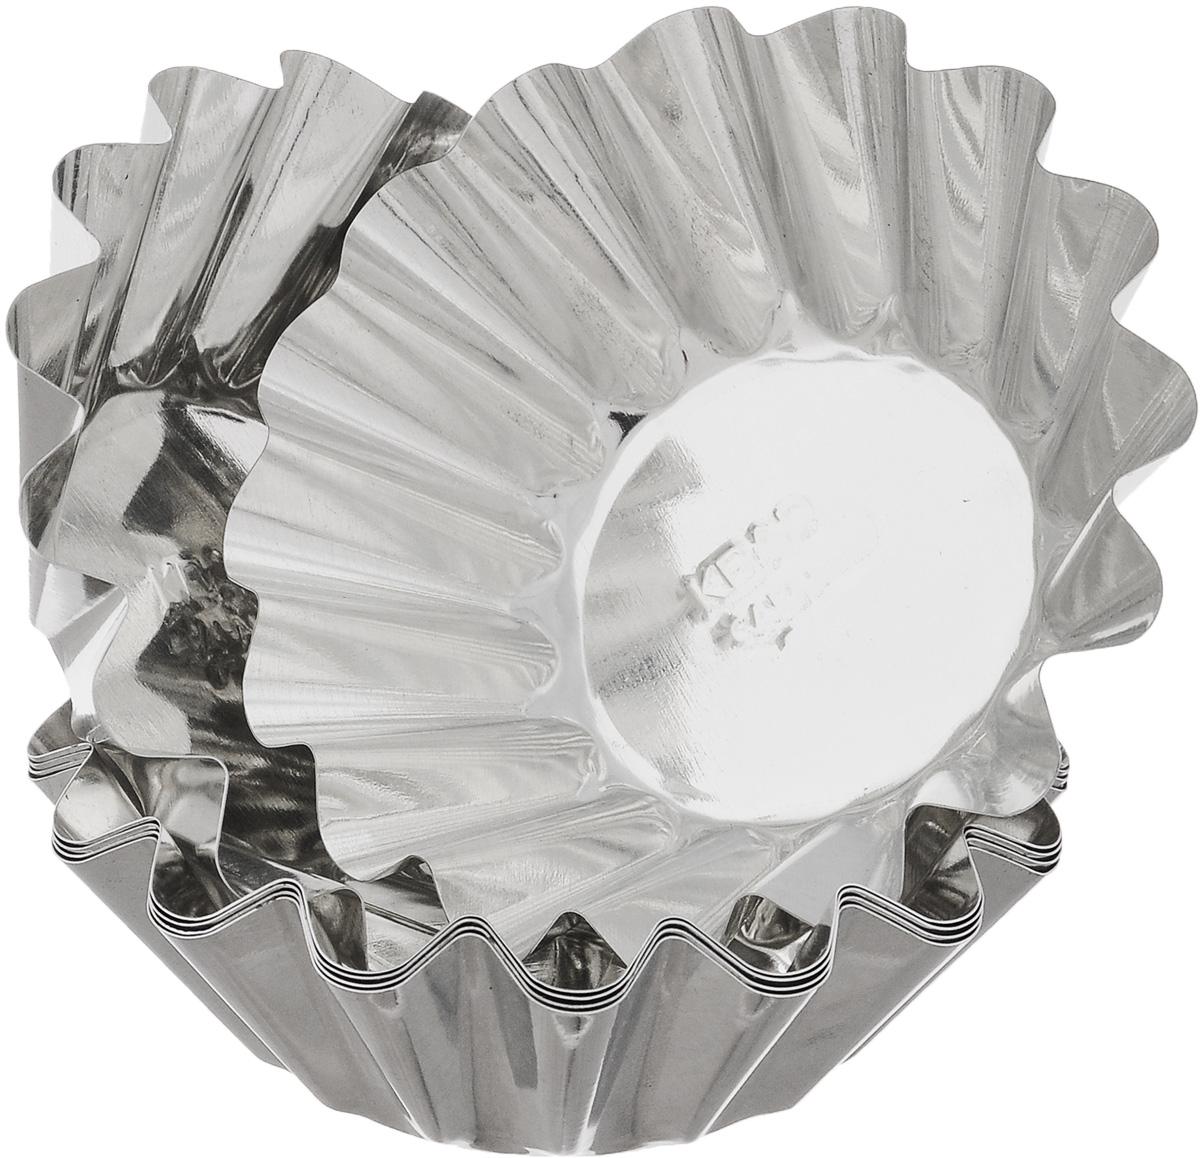 Набор форм для выпечки Кварц, диаметр 9,5 см, 6 шт94672Набор Кварц состоит из шести форм, выполненных из белой жести. Формы предназначены для выпечки и приготовления желе. Стенки изделий рельефные.С набором форм Кварц вы всегда сможете порадовать своих близких оригинальной выпечкой.Диаметр форм (по верхнему краю): 9,5 см.Высота форм: 3 см.